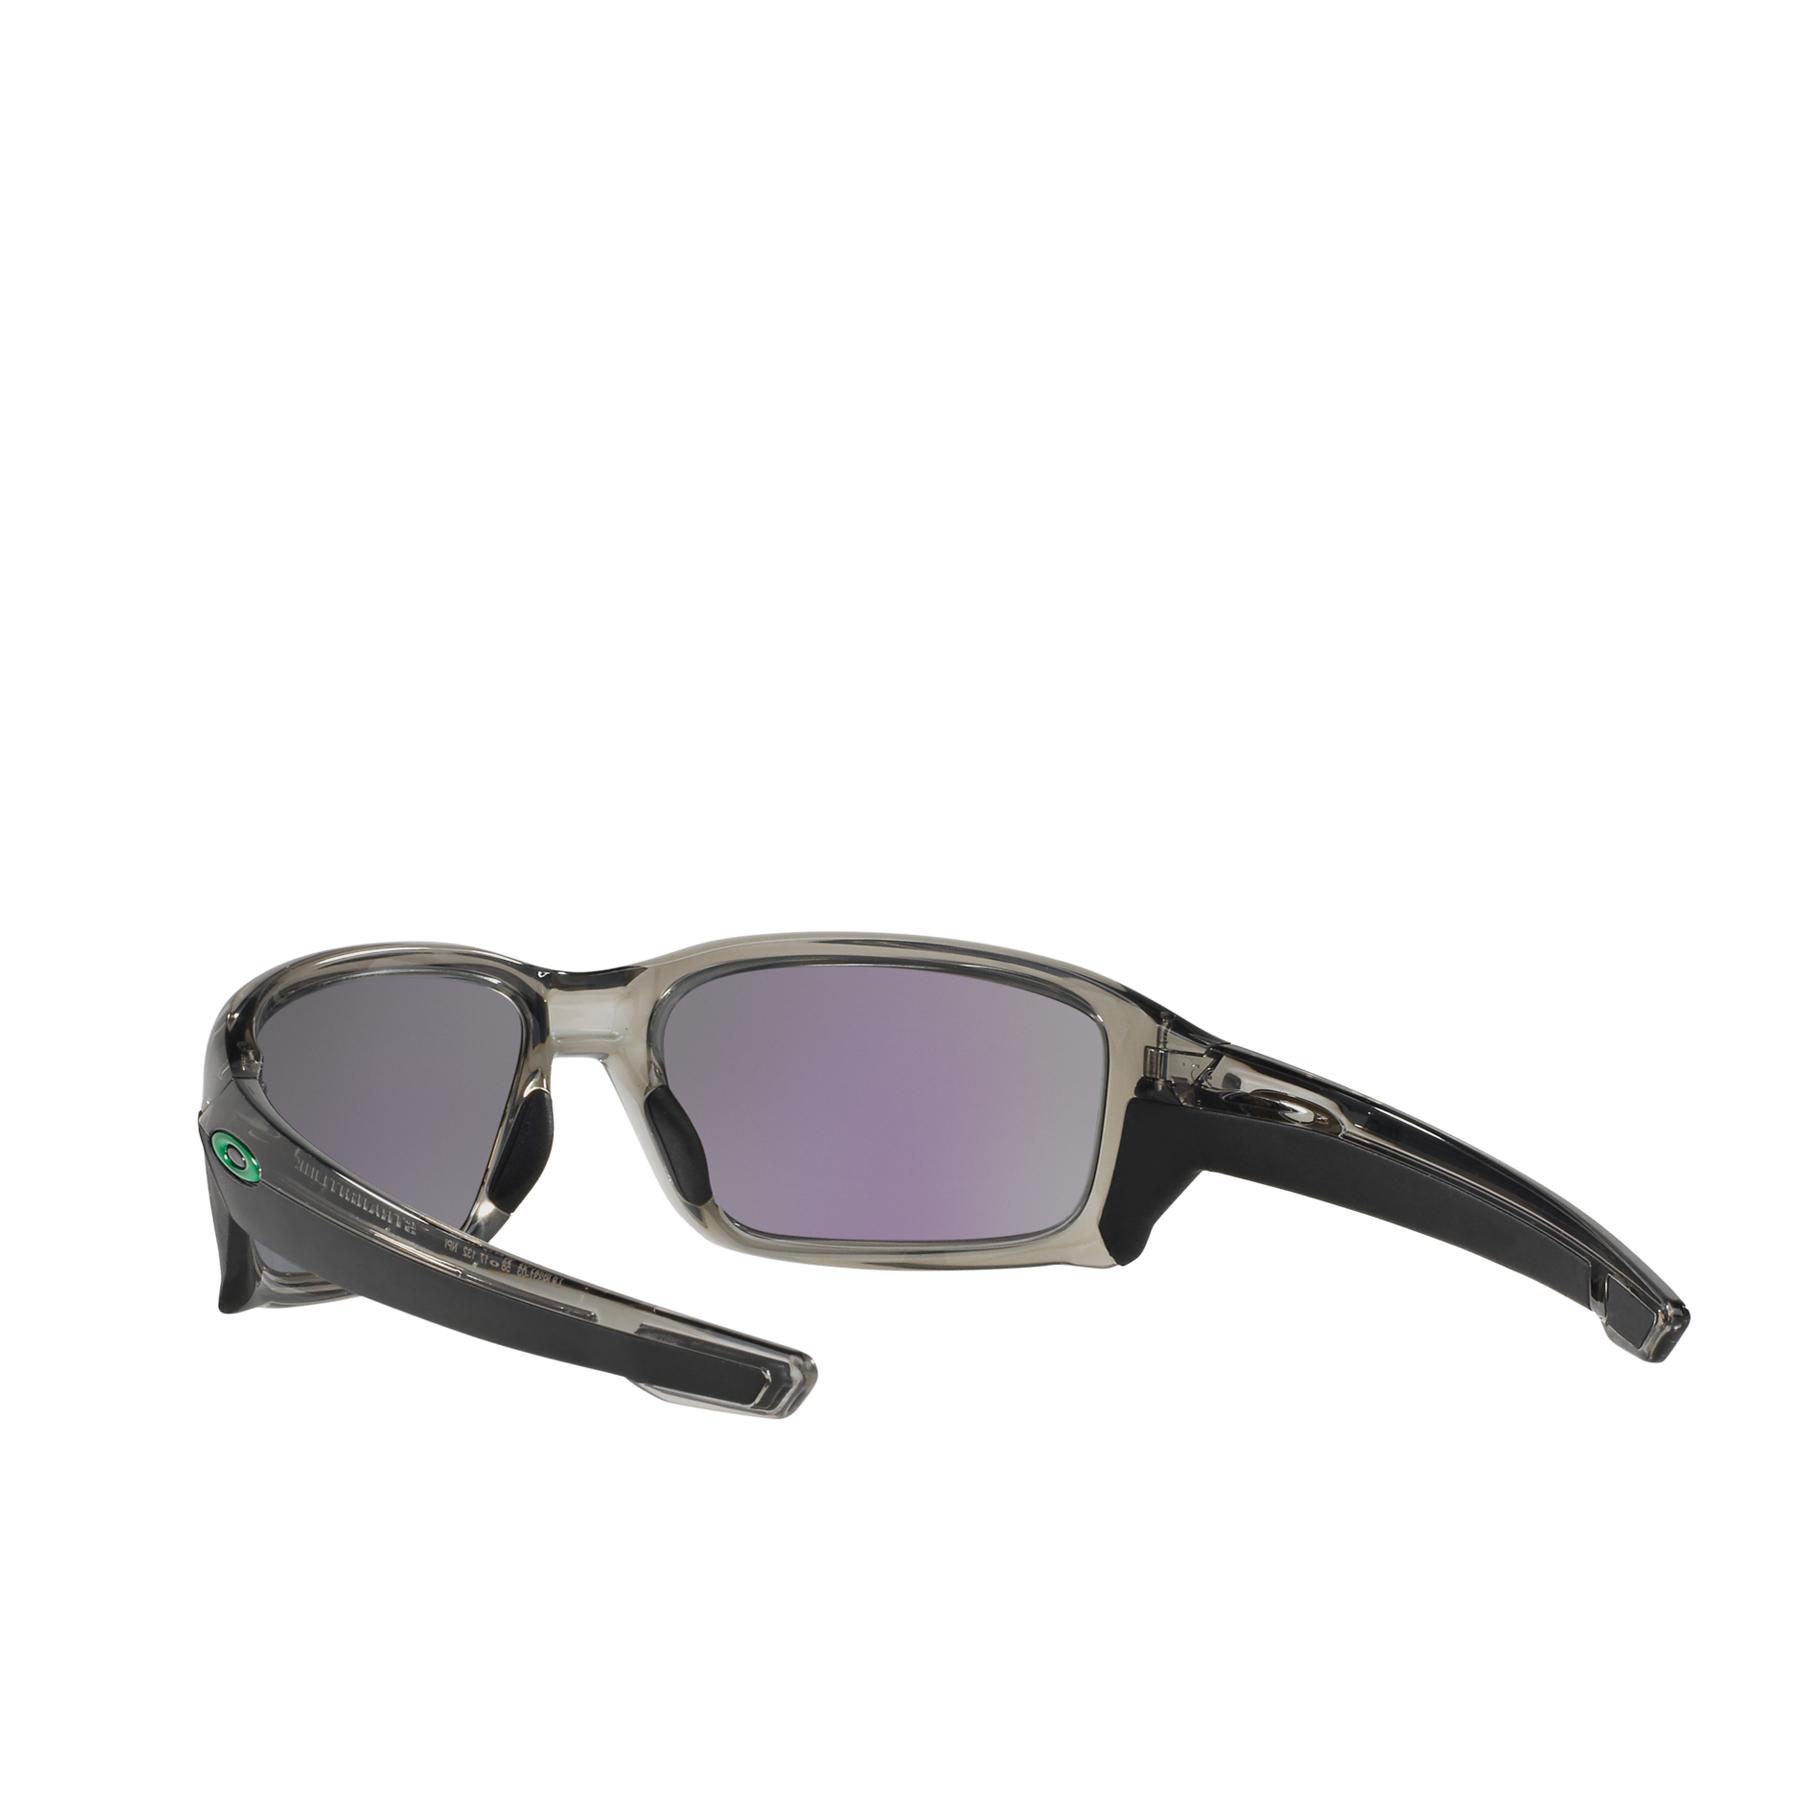 oakley motocross solbriller